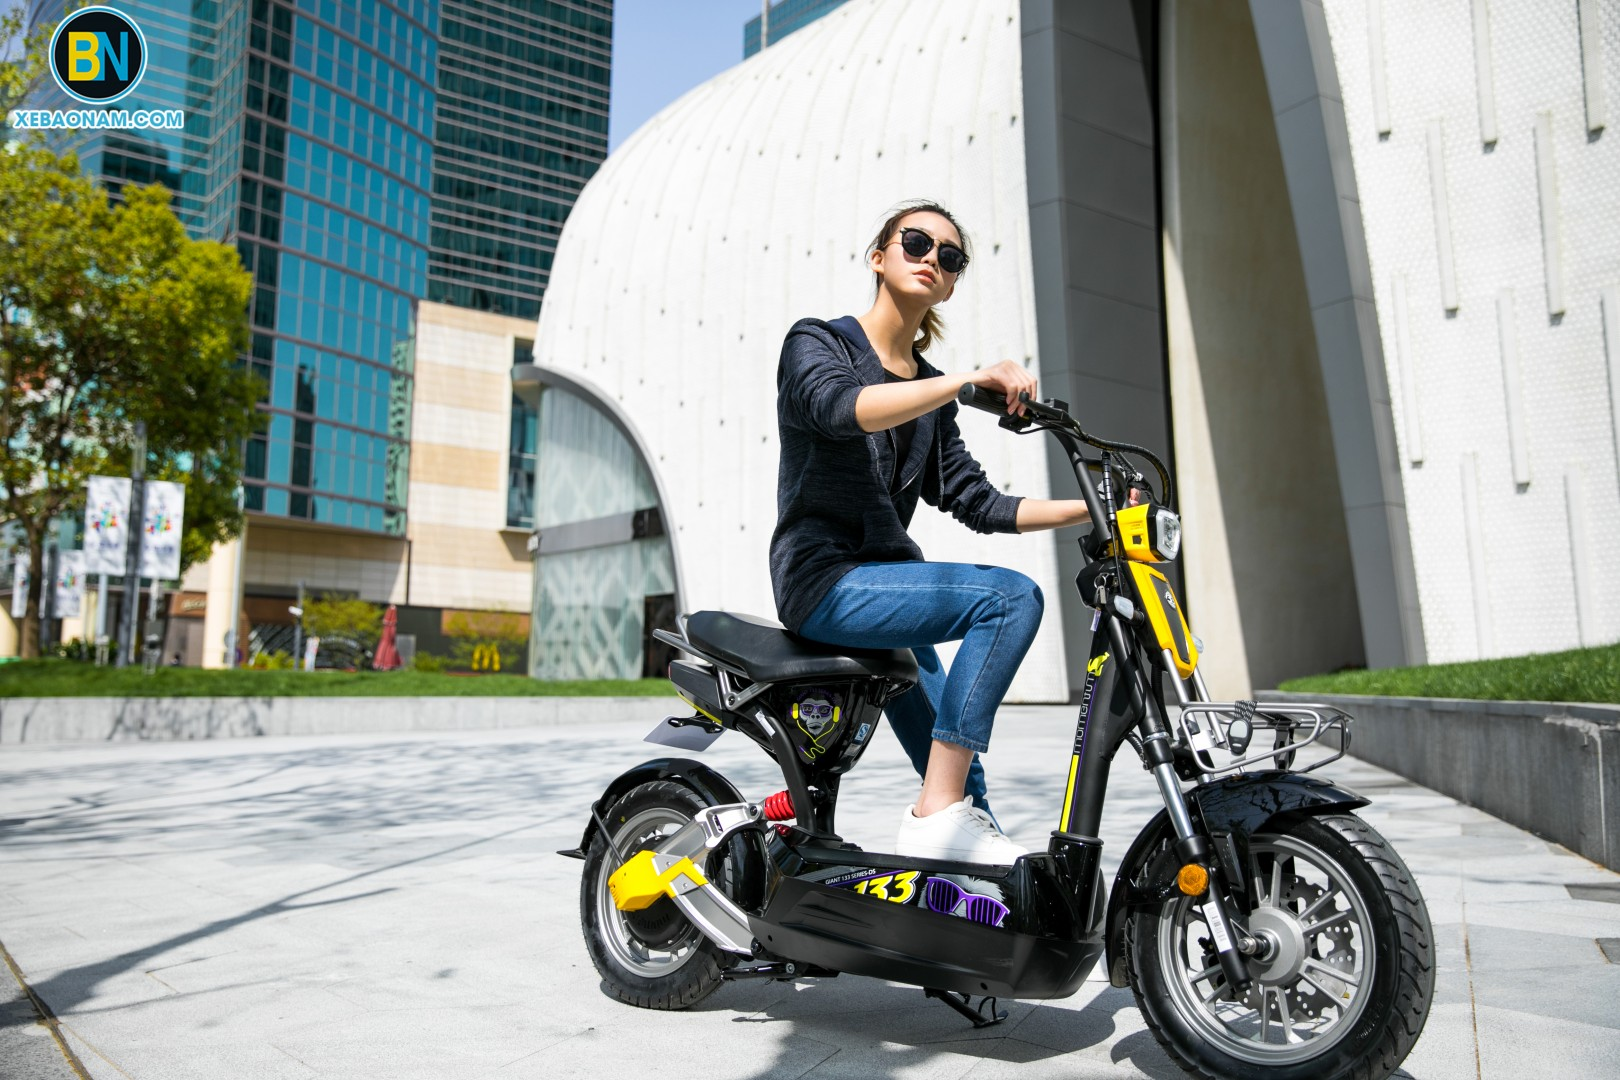 Xe máy điện M133ds chính hãng giant – Xe Bảo Nam